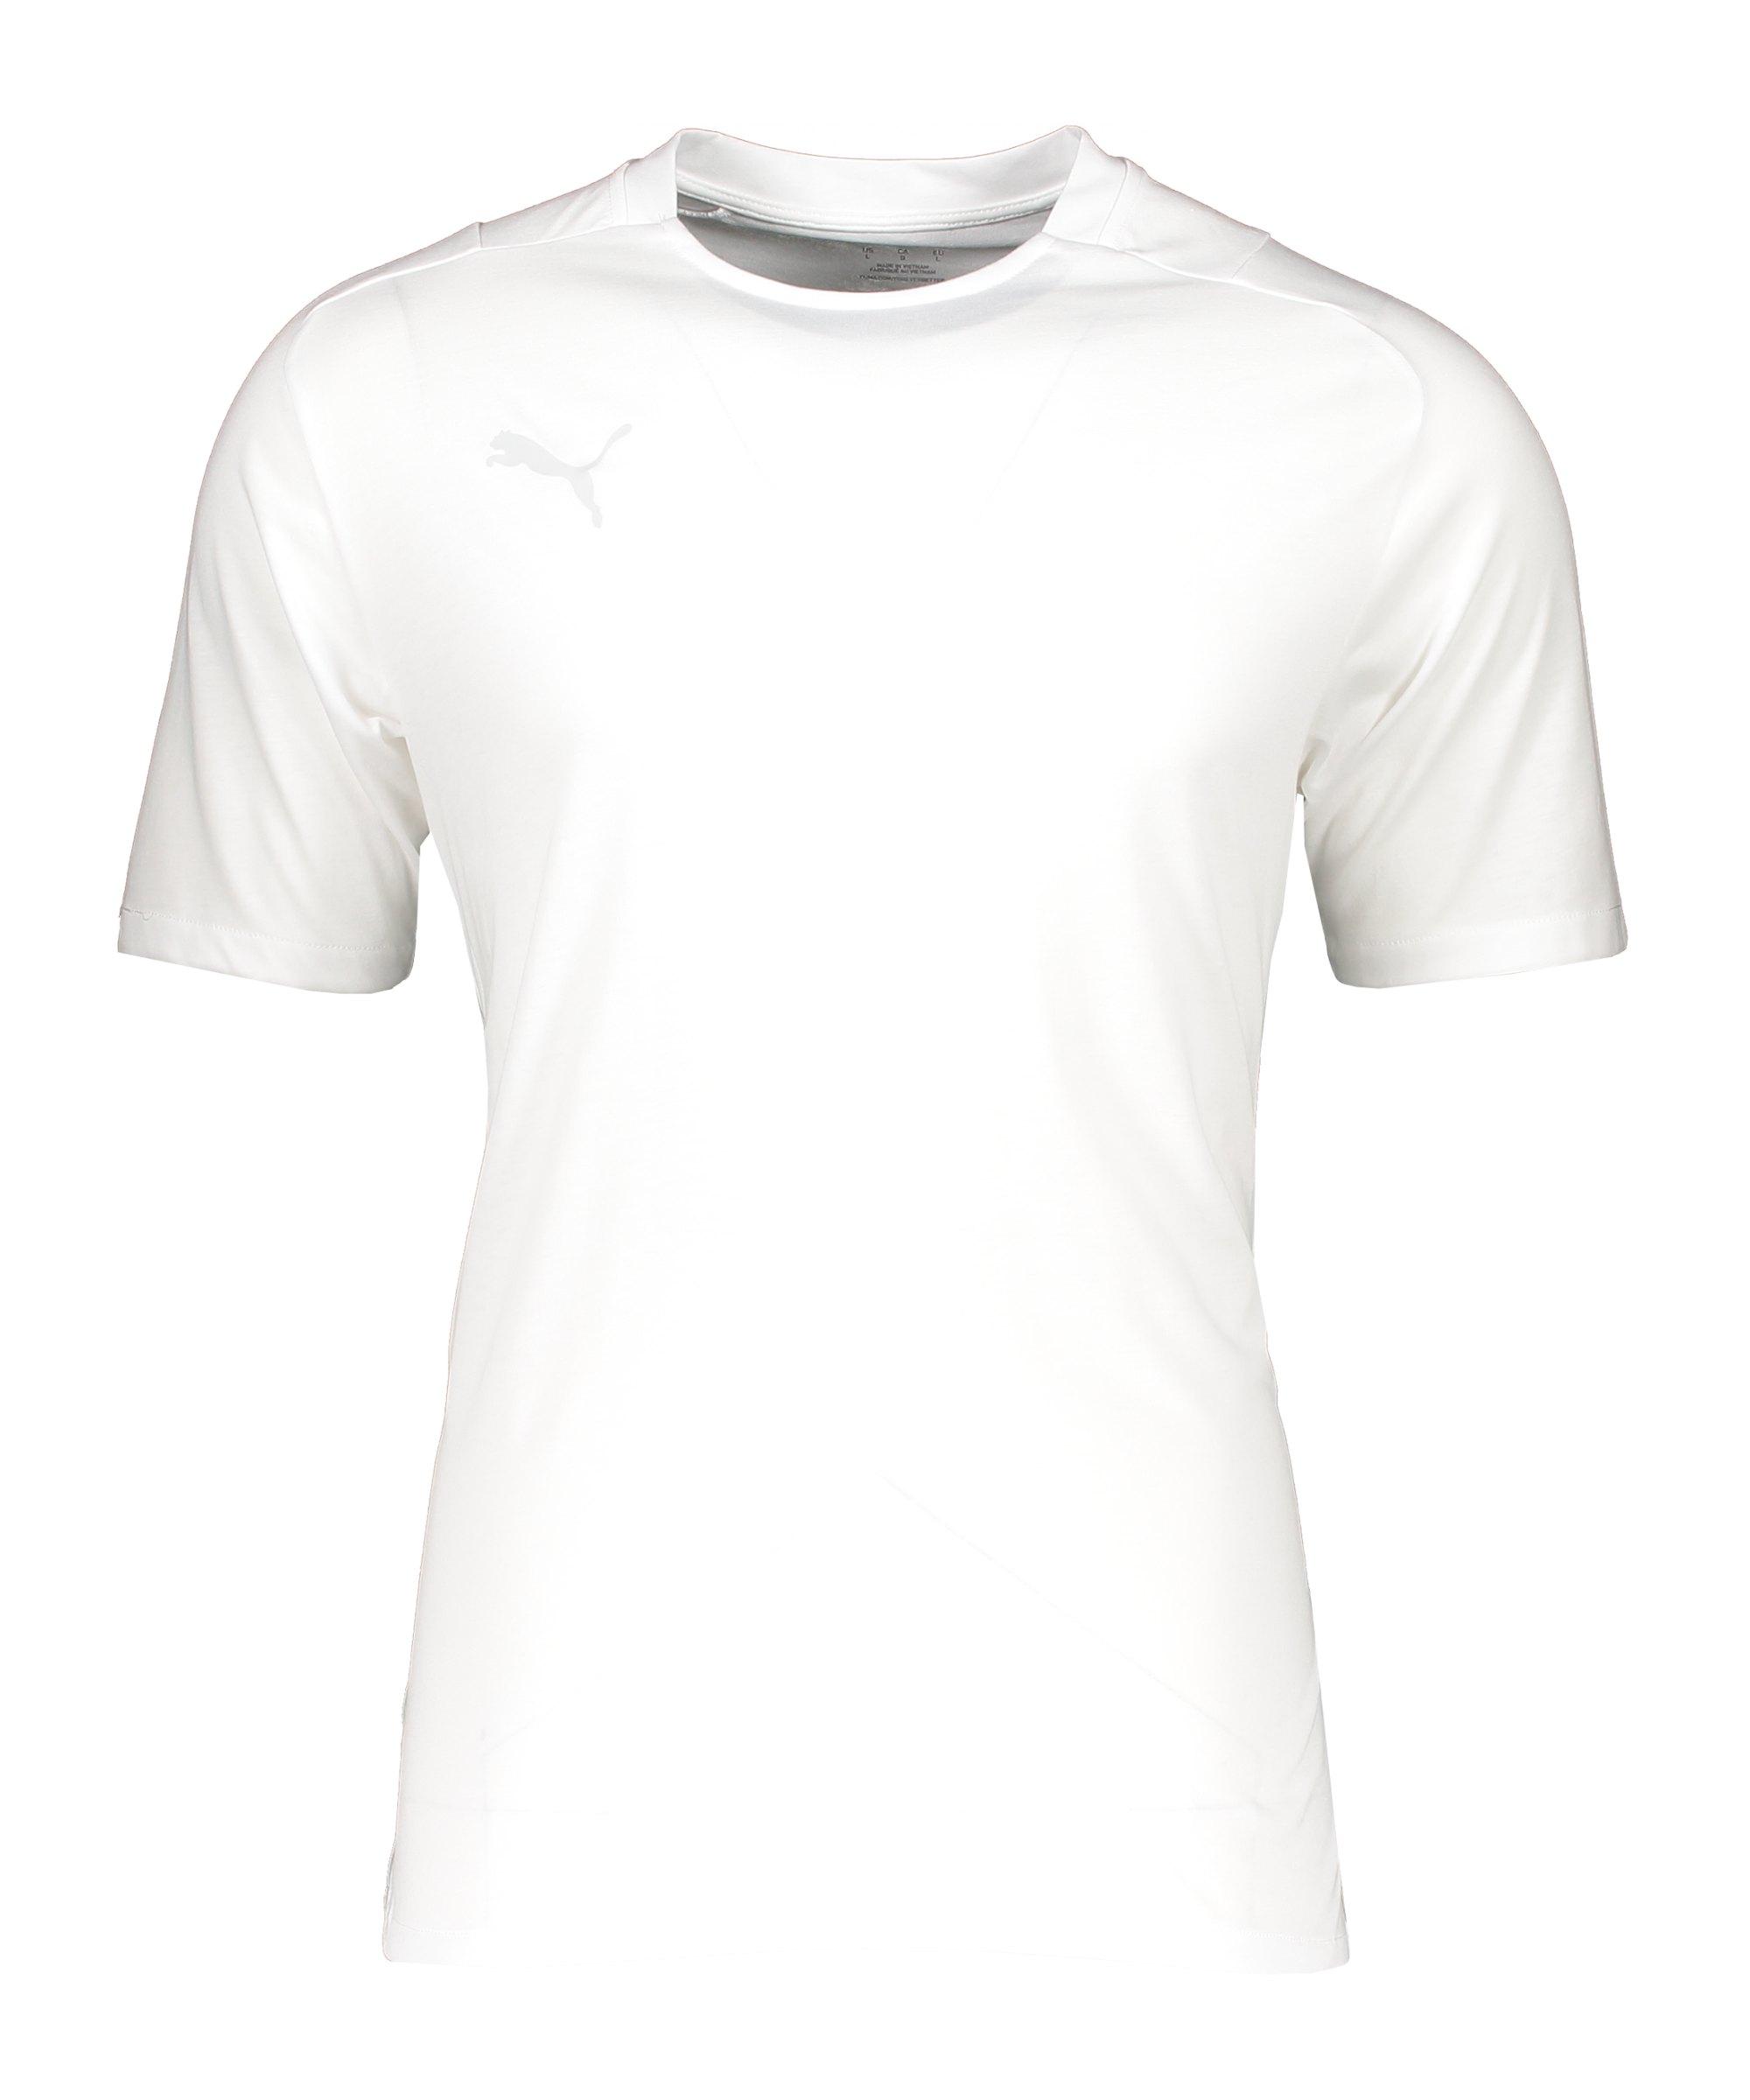 PUMA teamCUP Casuals T-Shirt Weiss Grau F04 - weiss